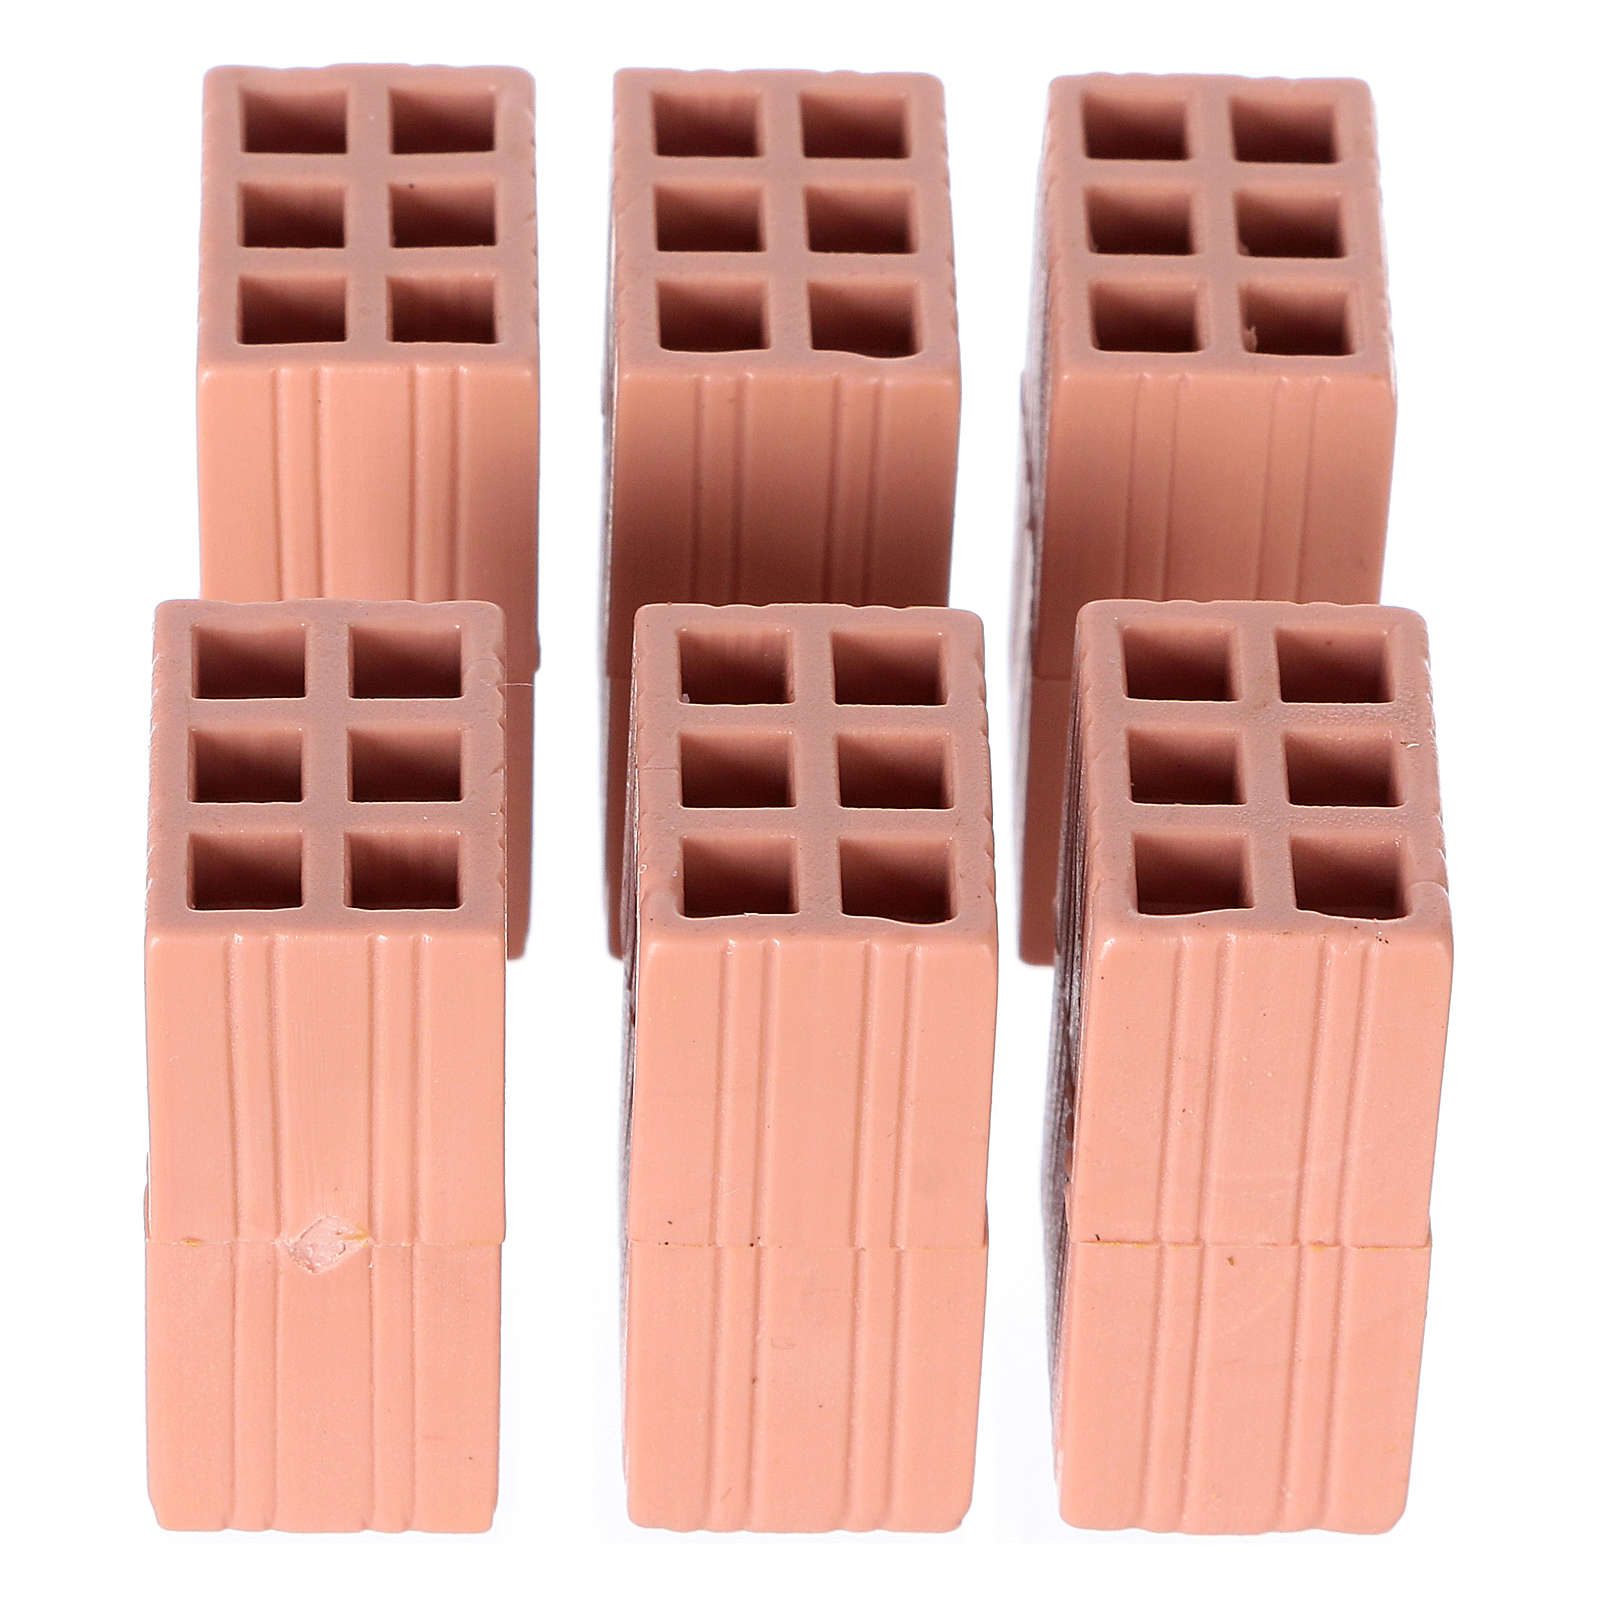 Mattoncini in plastica per presepe set 5 pz. 4